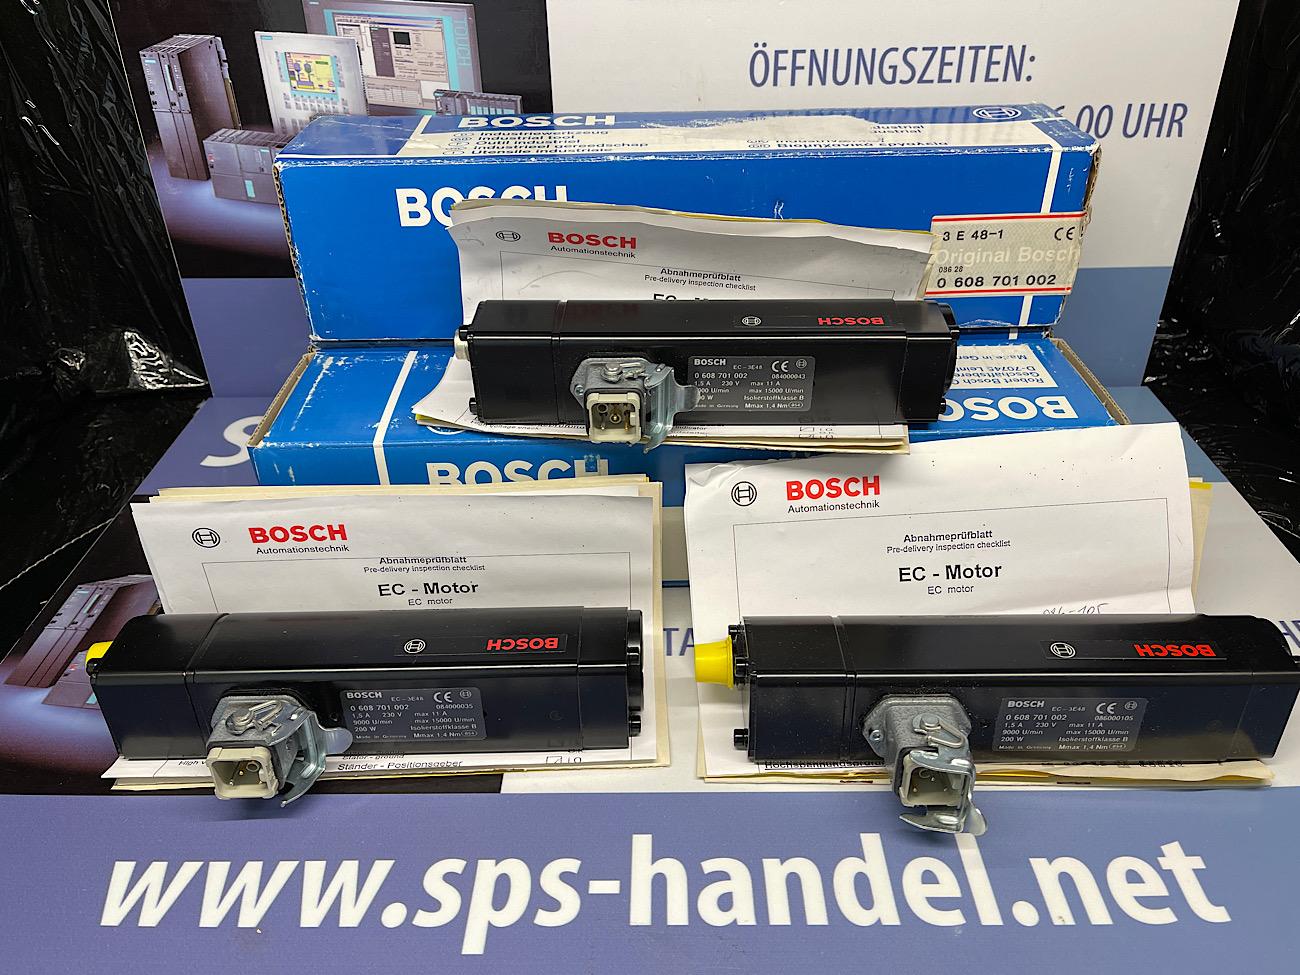 0 608 701 002 | EC-3E48 | Bosch Schrauber | neu OVP offen